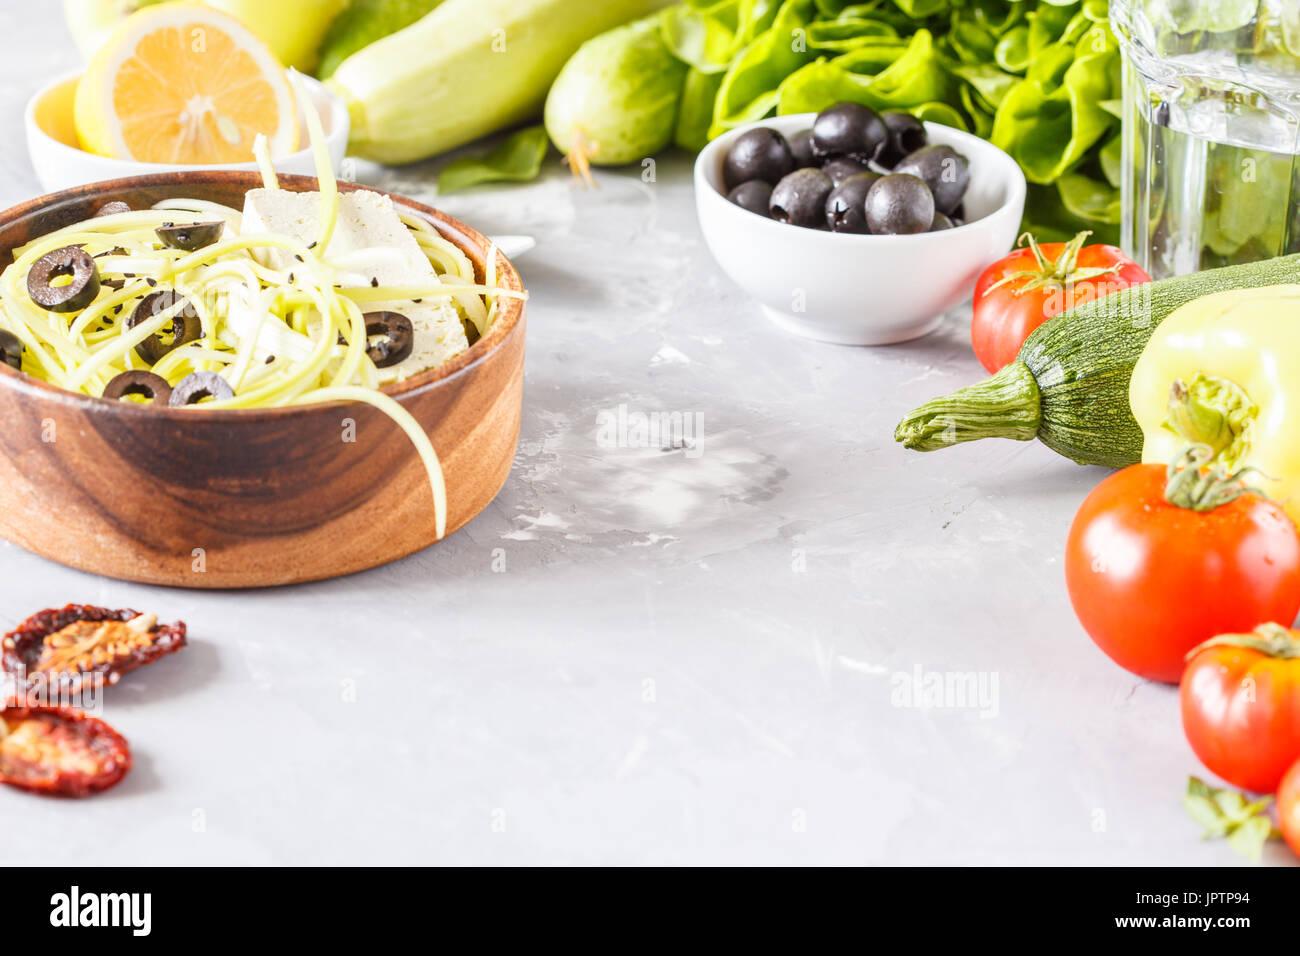 Les pâtes de courgettes aux olives et le tofu. Repas végétarien de légumes et de tofu. L'amour pour une saine nourriture vegan concept. Photo Stock